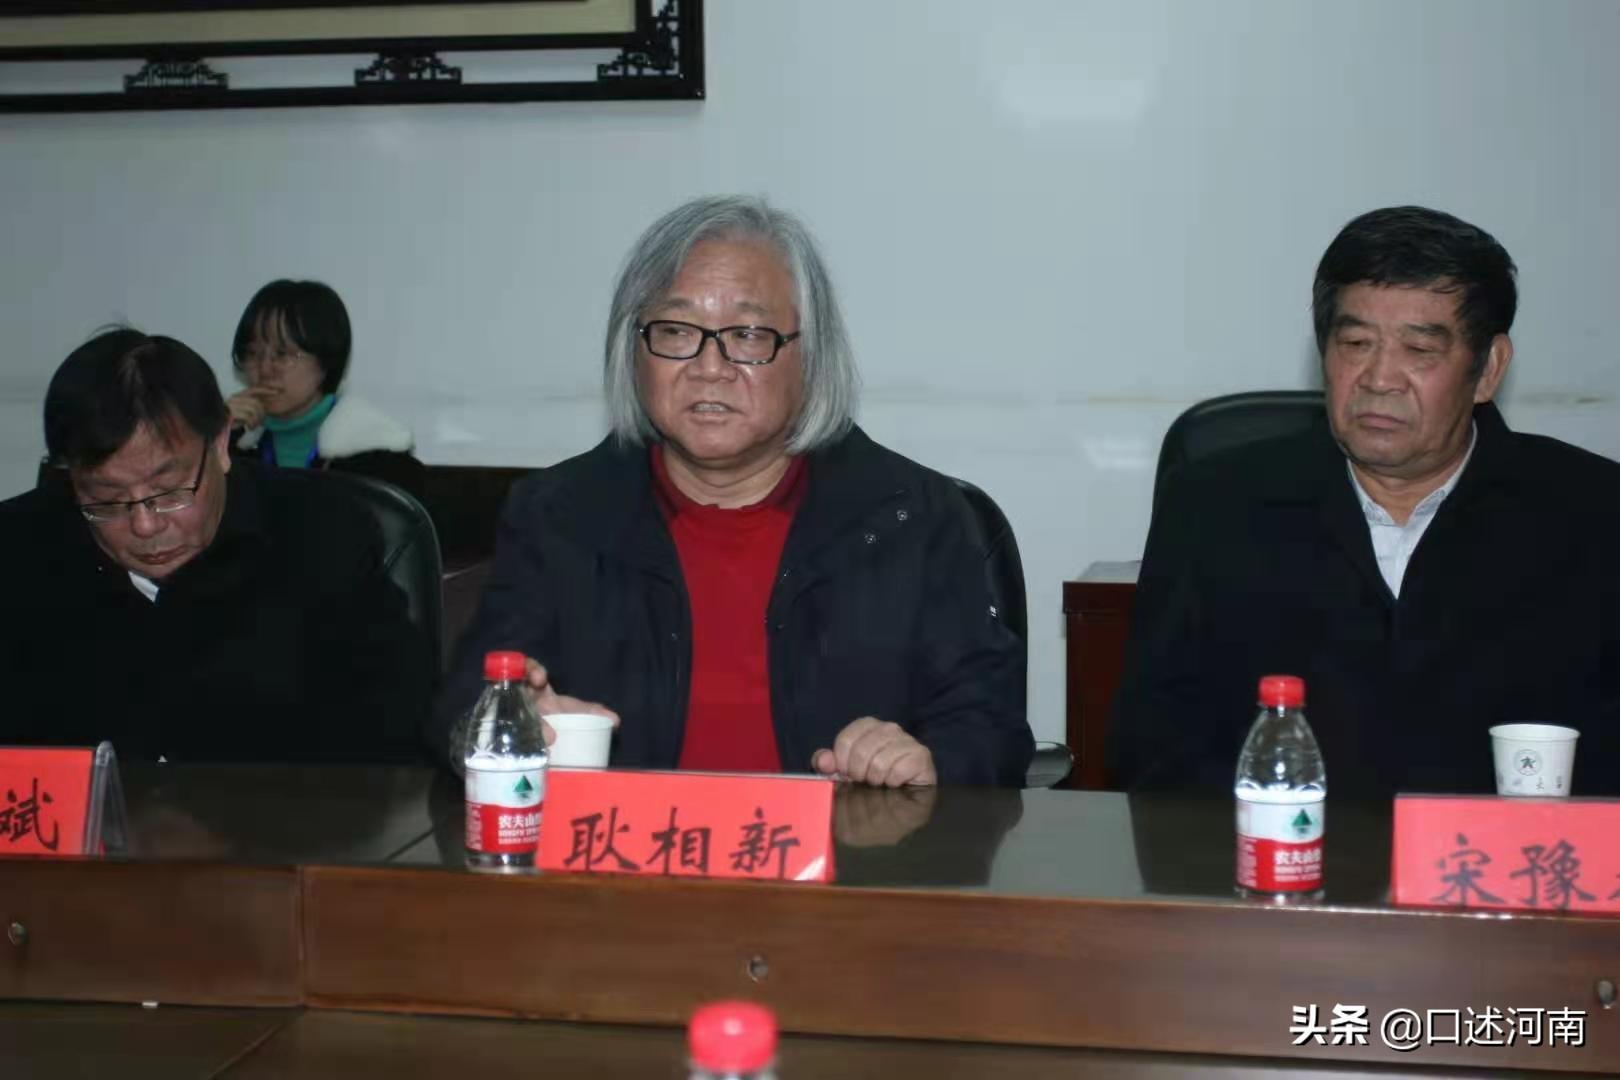 郑州大学举办黄河水利文献特藏展暨专家座谈会